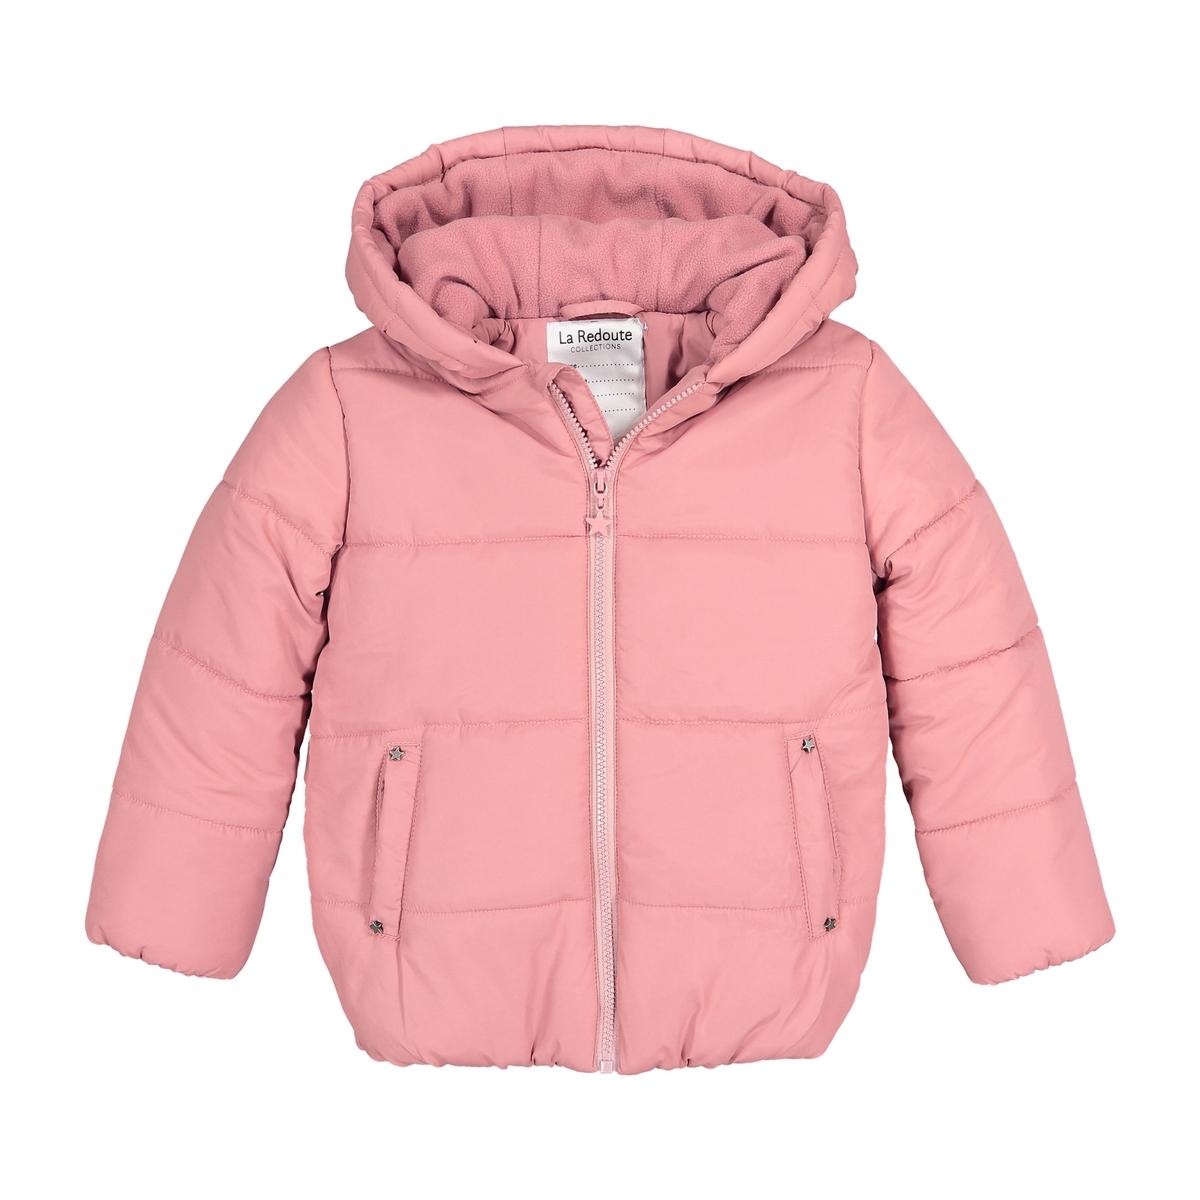 Куртка La Redoute С капюшоном укороченная и утепленная 12 лет -150 см розовый куртка с капюшоном со звездочками фиолетовая in extenso